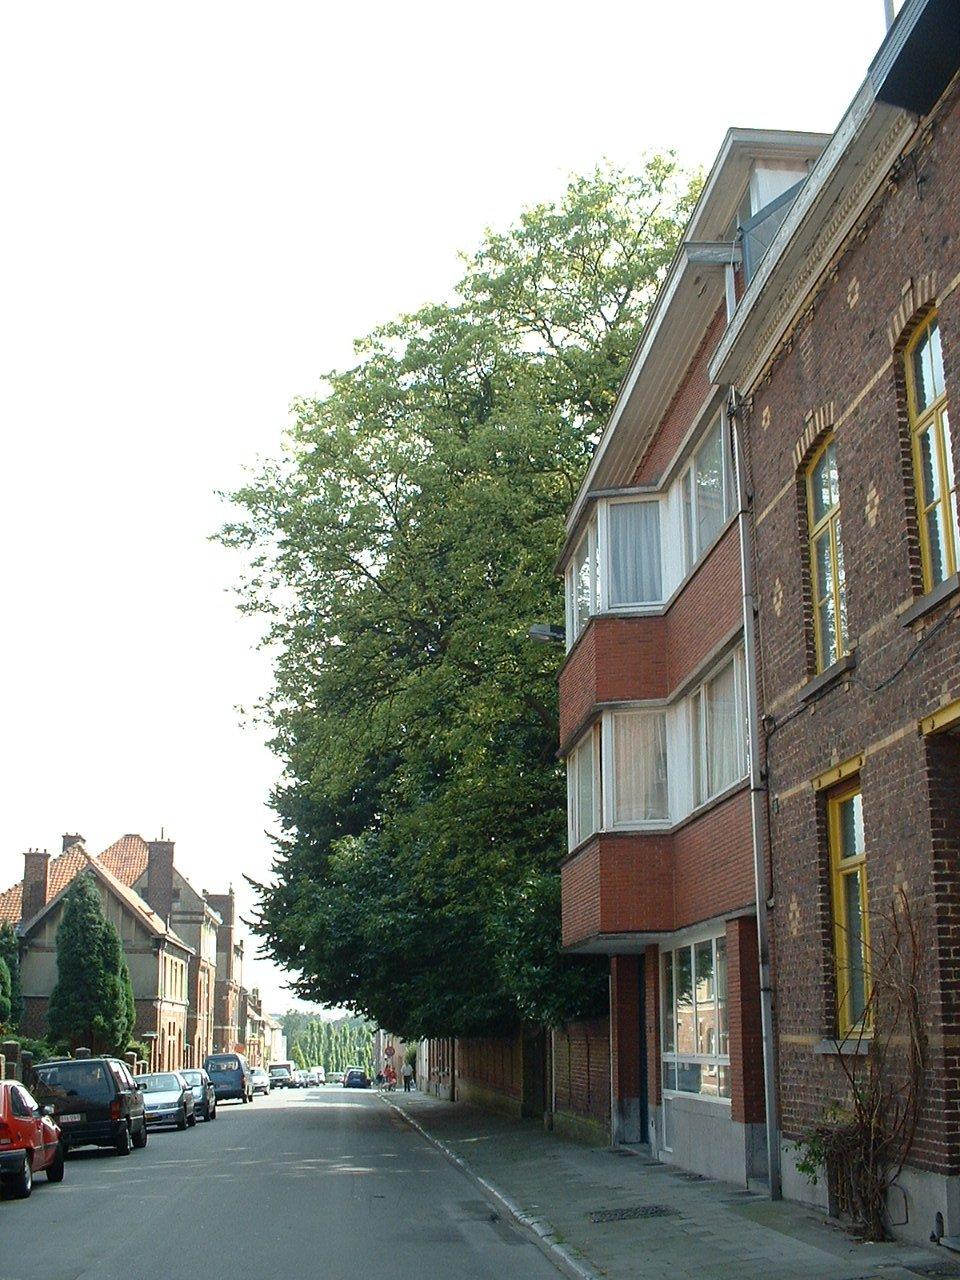 Tamme kastanje – Watermaal-Bosvoorde, Ooienstraat, 25 –  17 Juli 2002